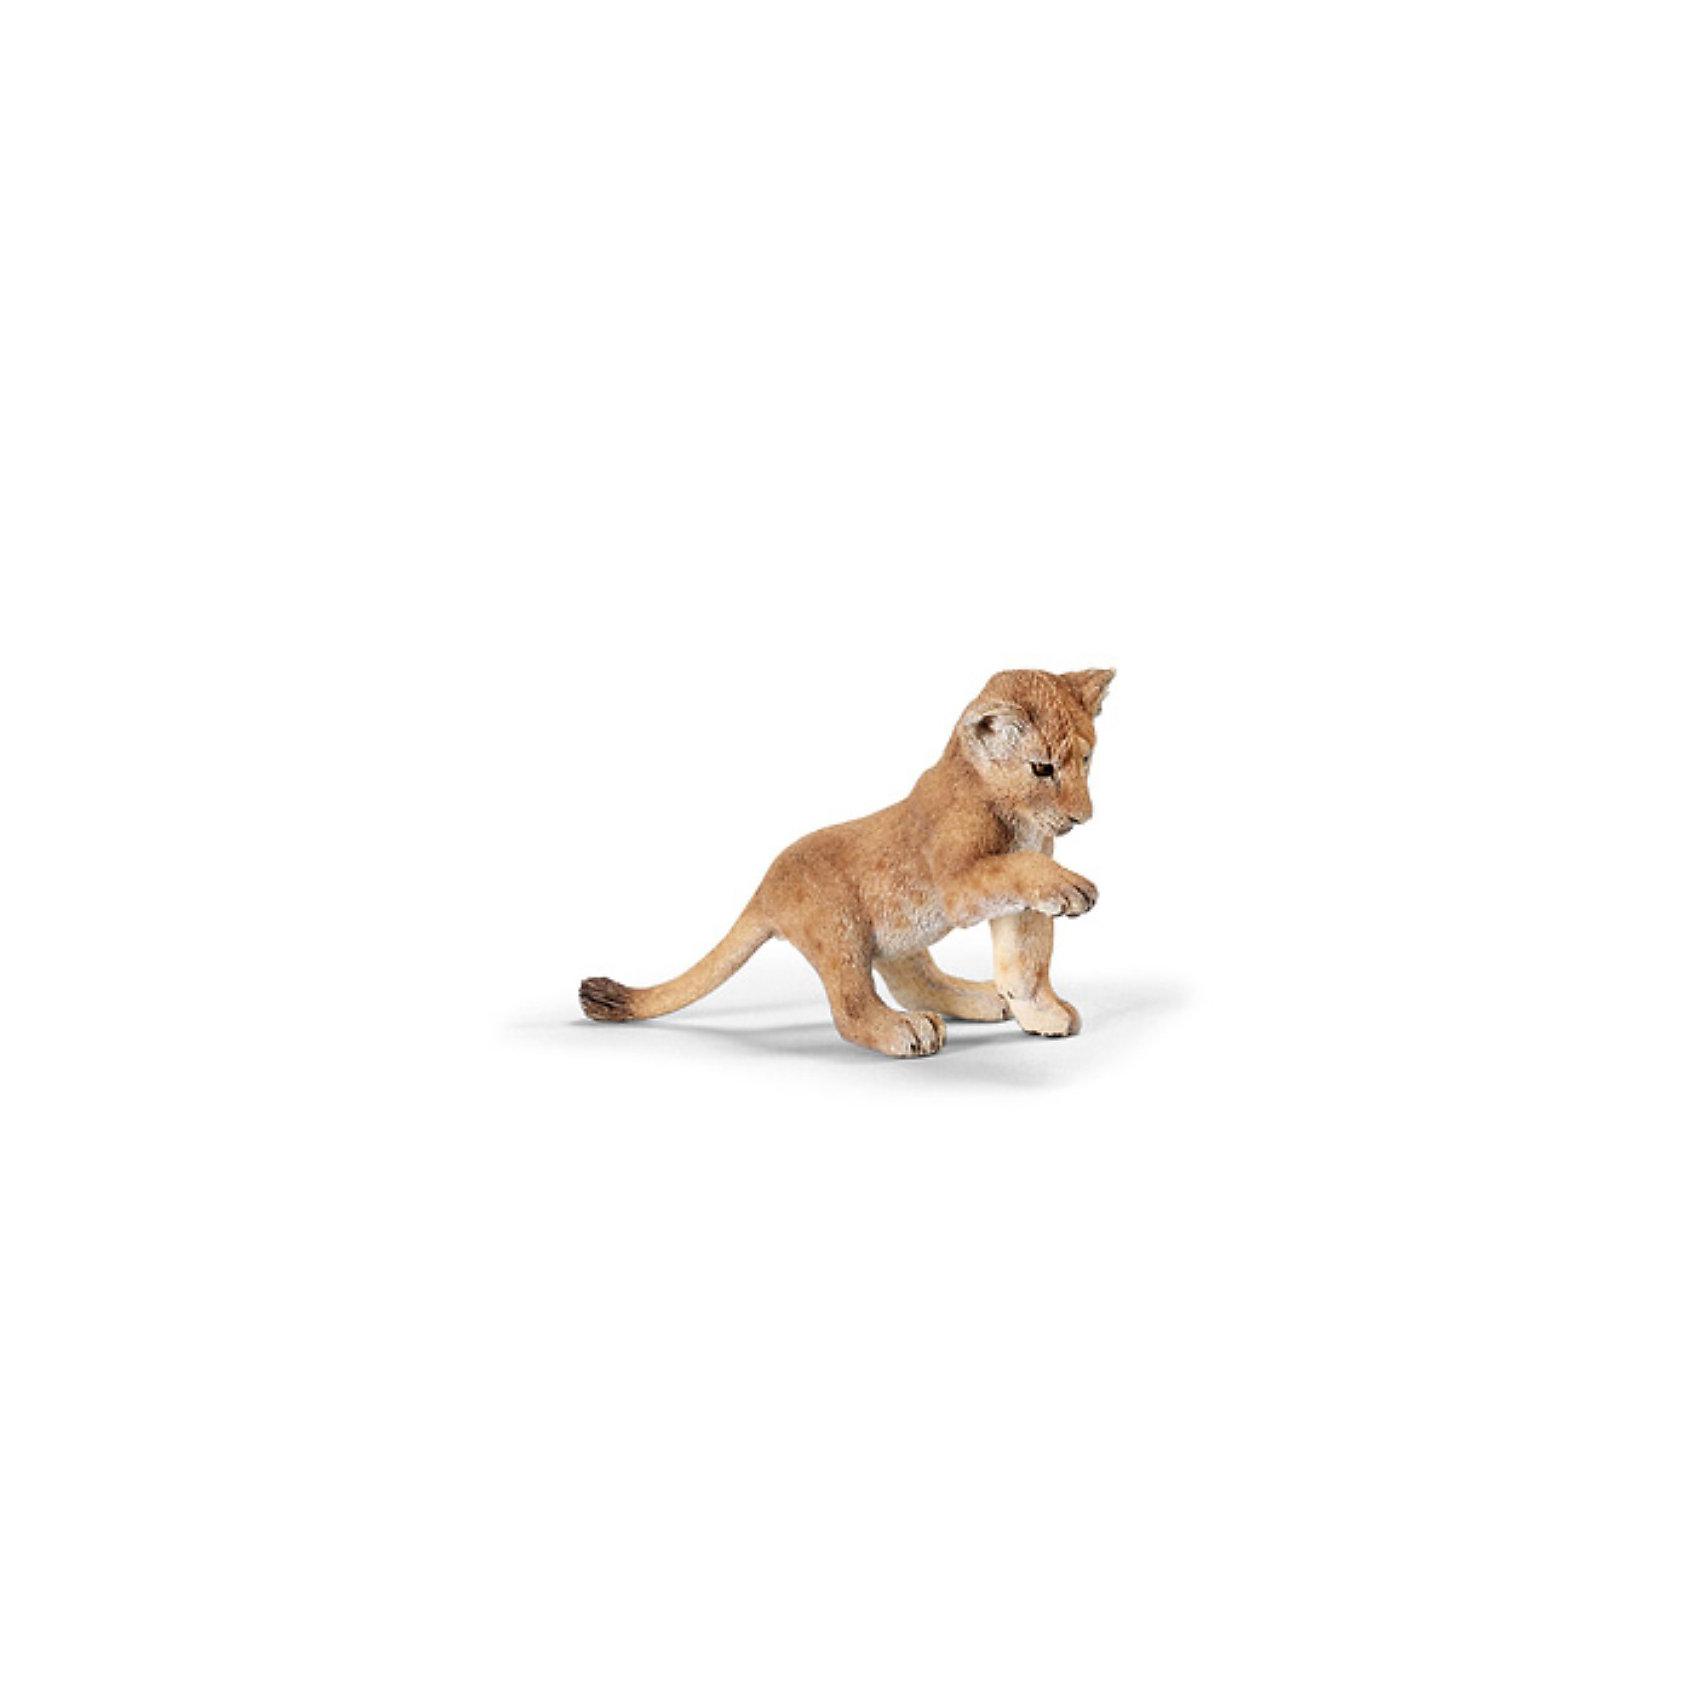 Schleich Львенок, играющий. Серия Дикие животные